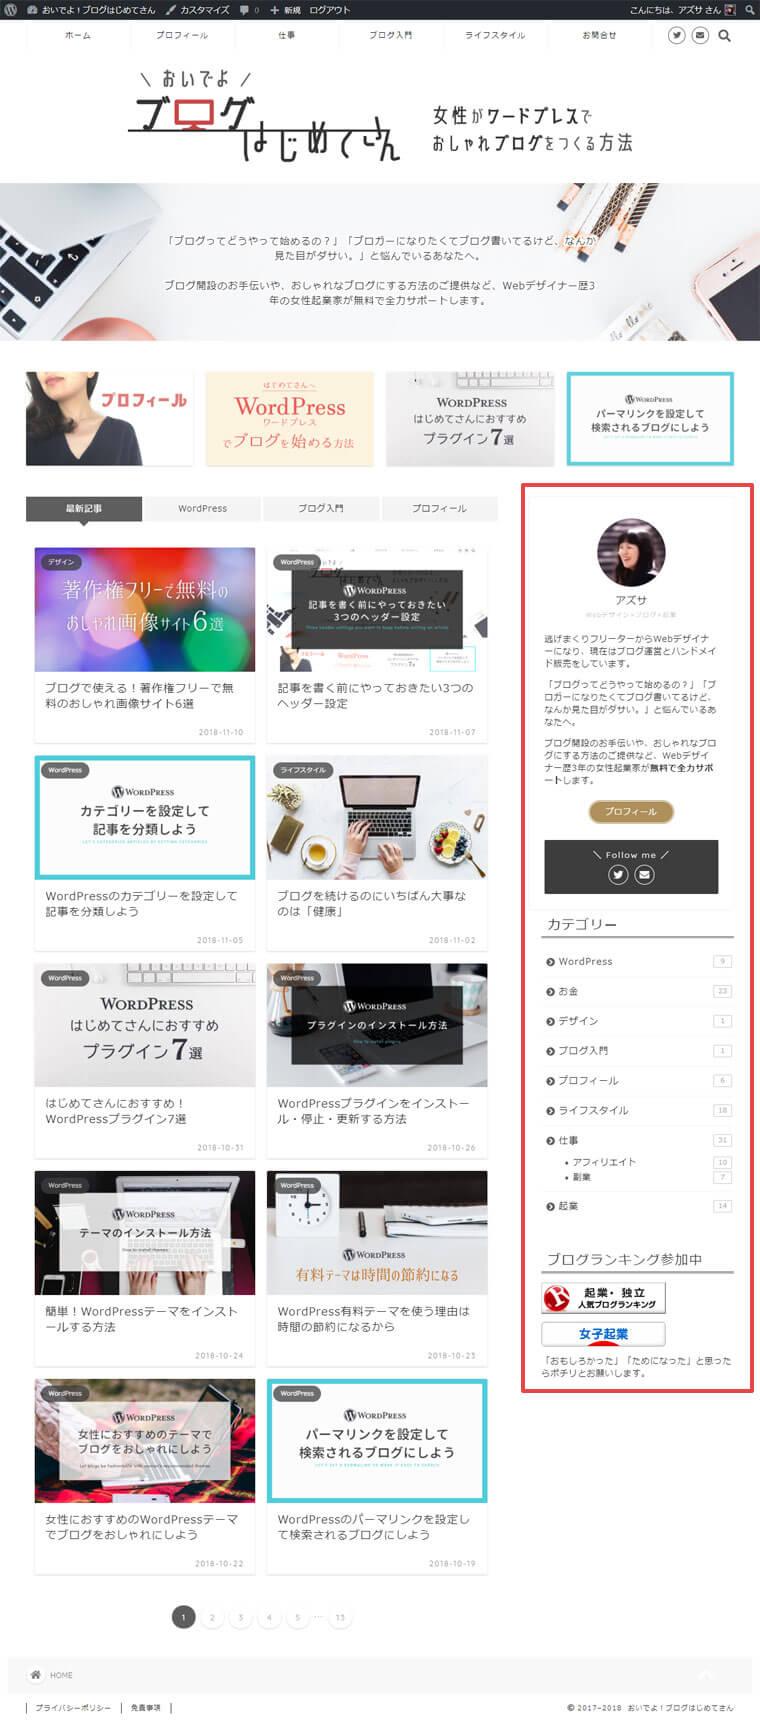 おいでよ!ブログはじめてさん トップページ